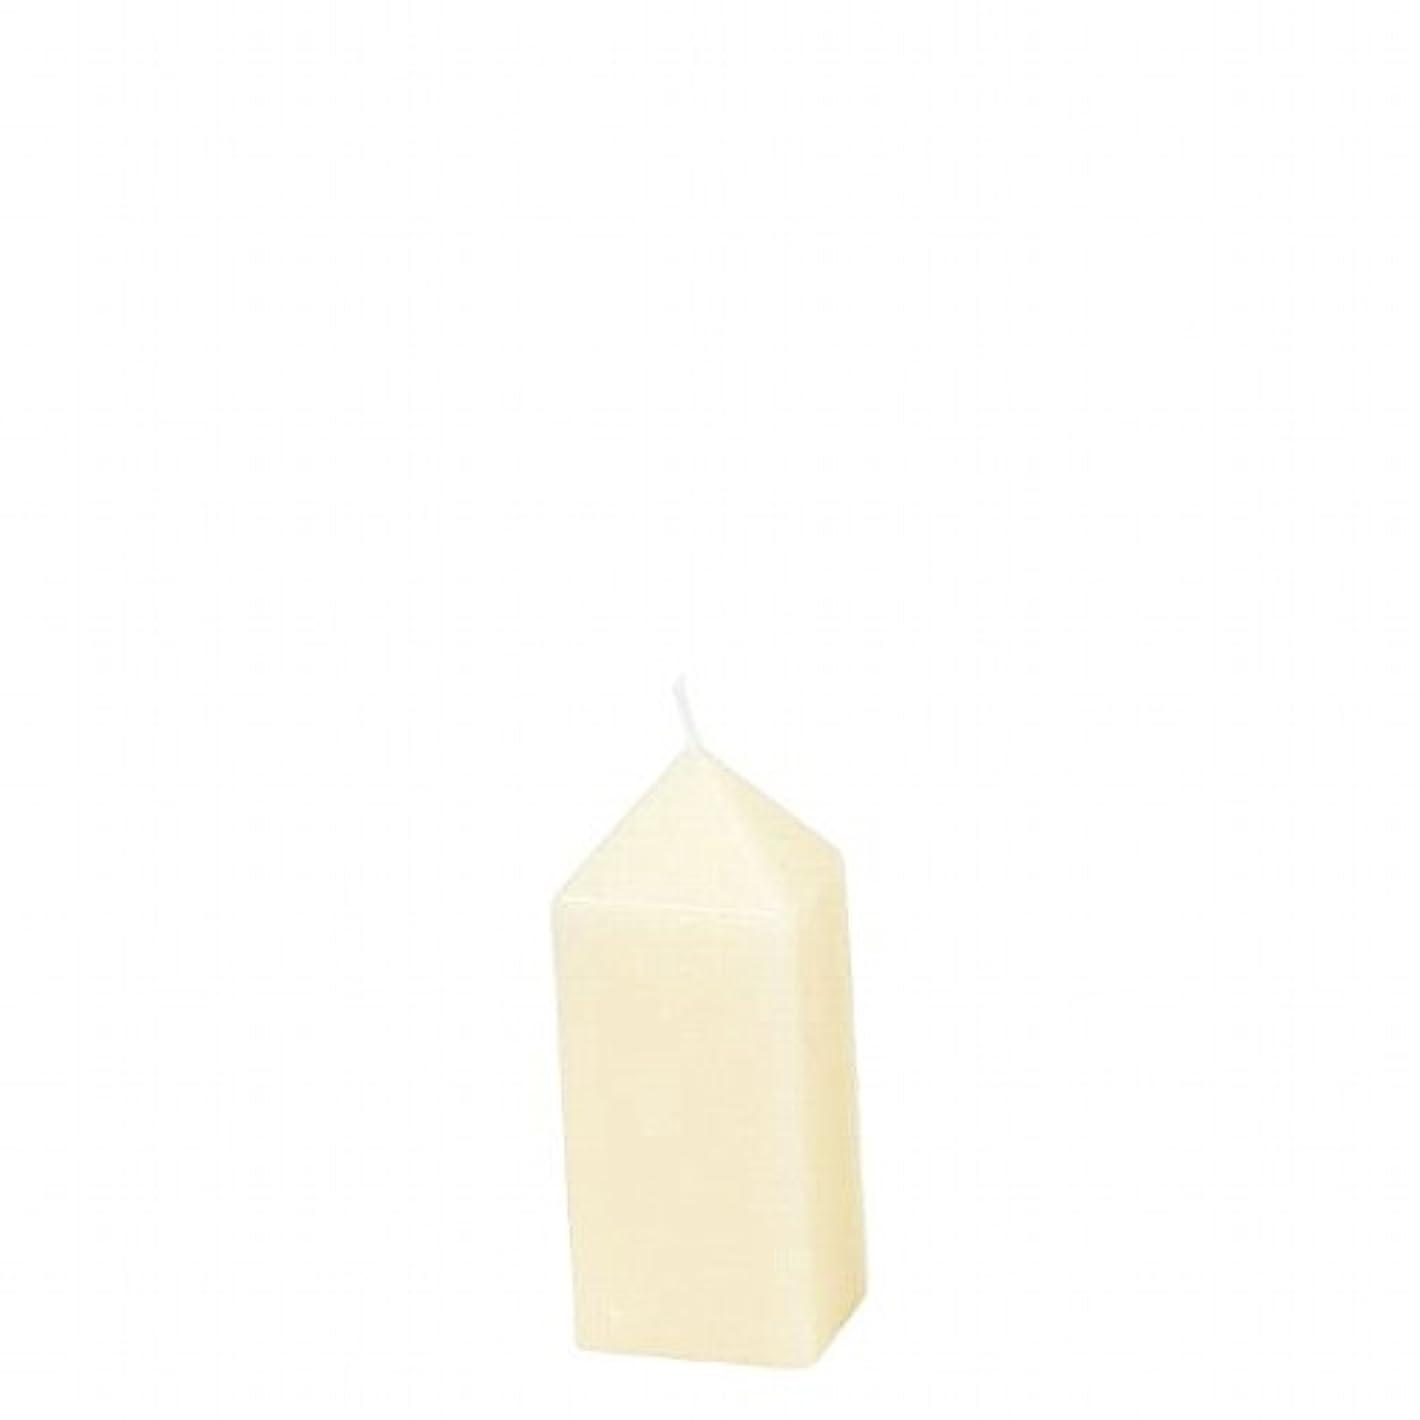 習熟度ペスト日光ヤンキーキャンドル(YANKEE CANDLE) オベリスクキャンドルS